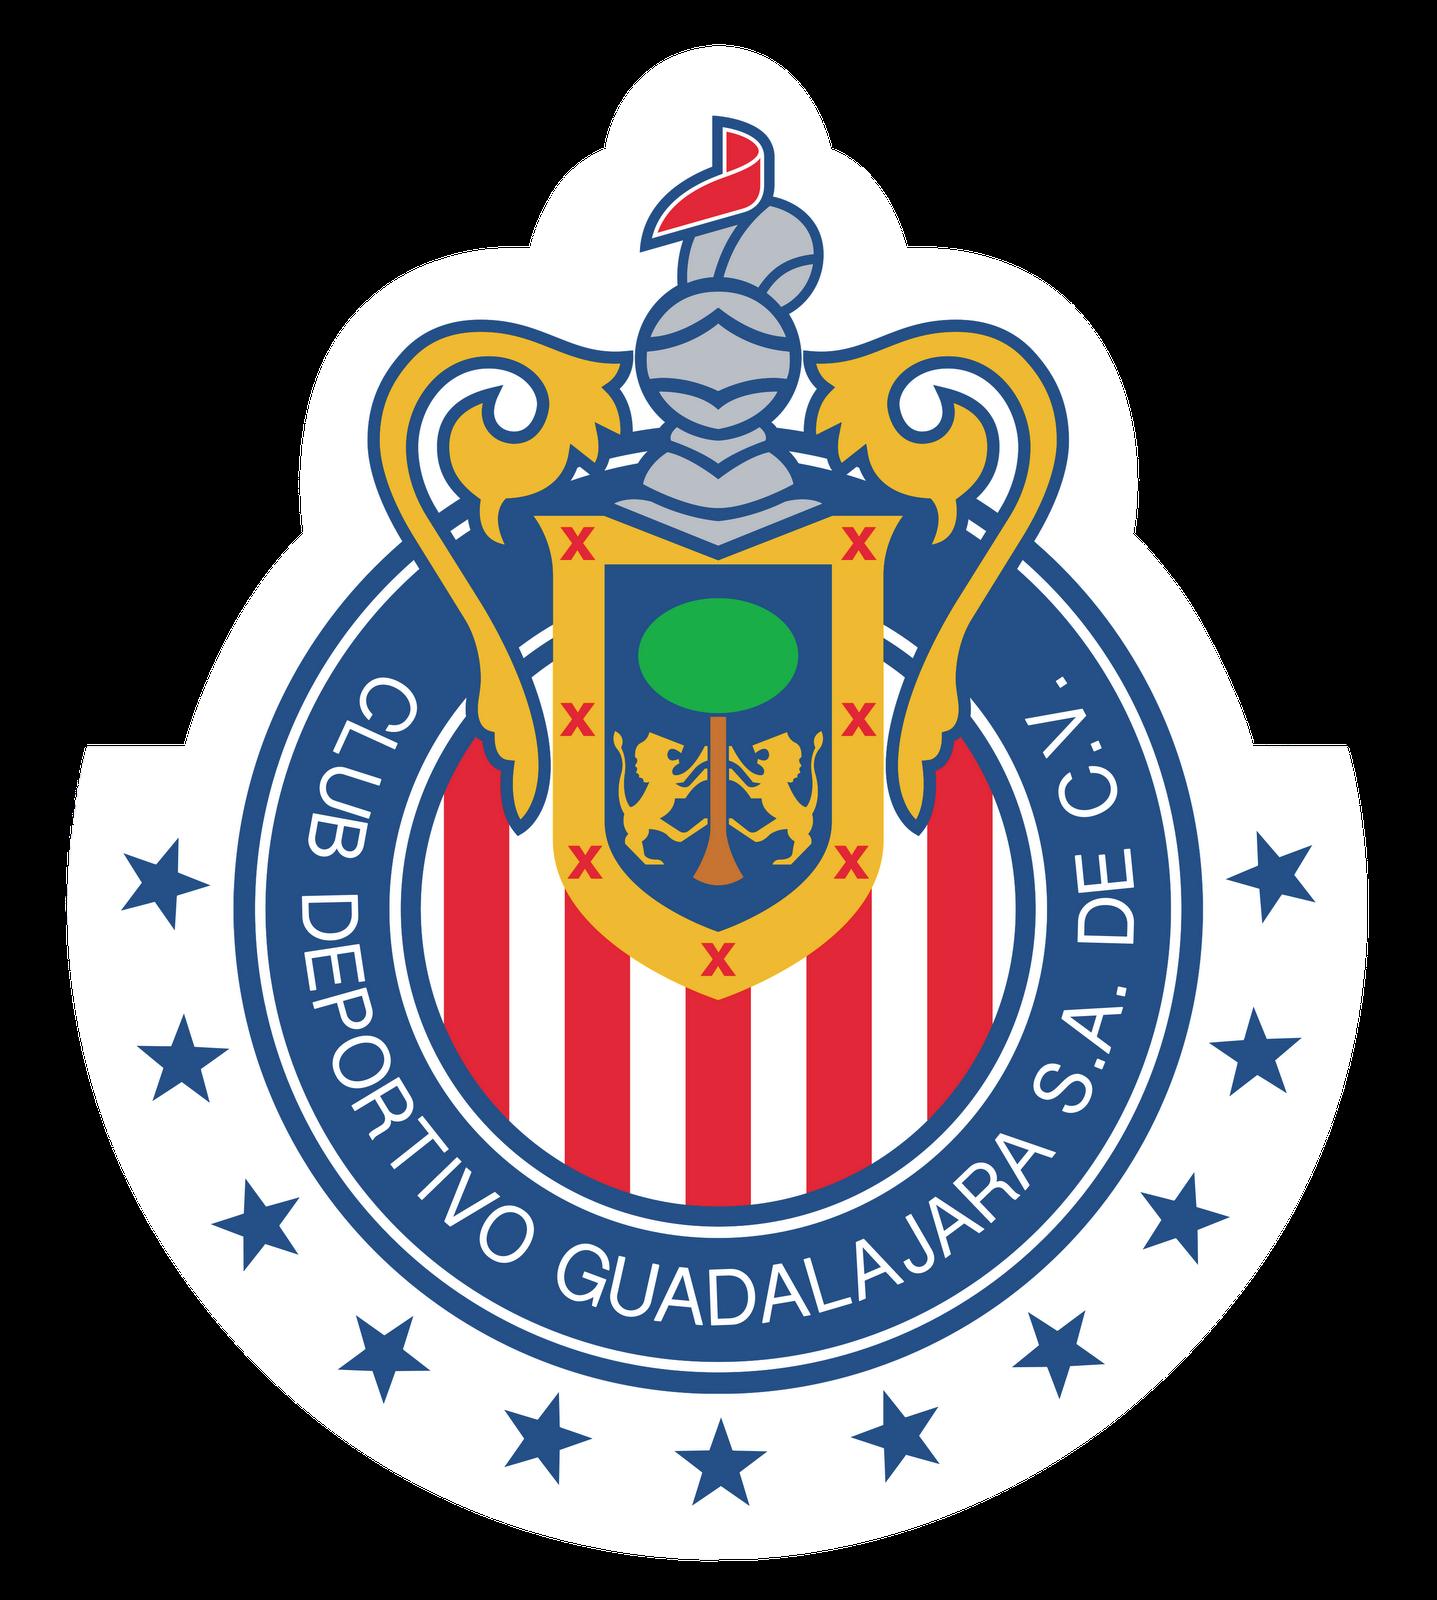 prediksi-guadalajara-chivas-tiburones-rojos-veracruz-11-juli-2016